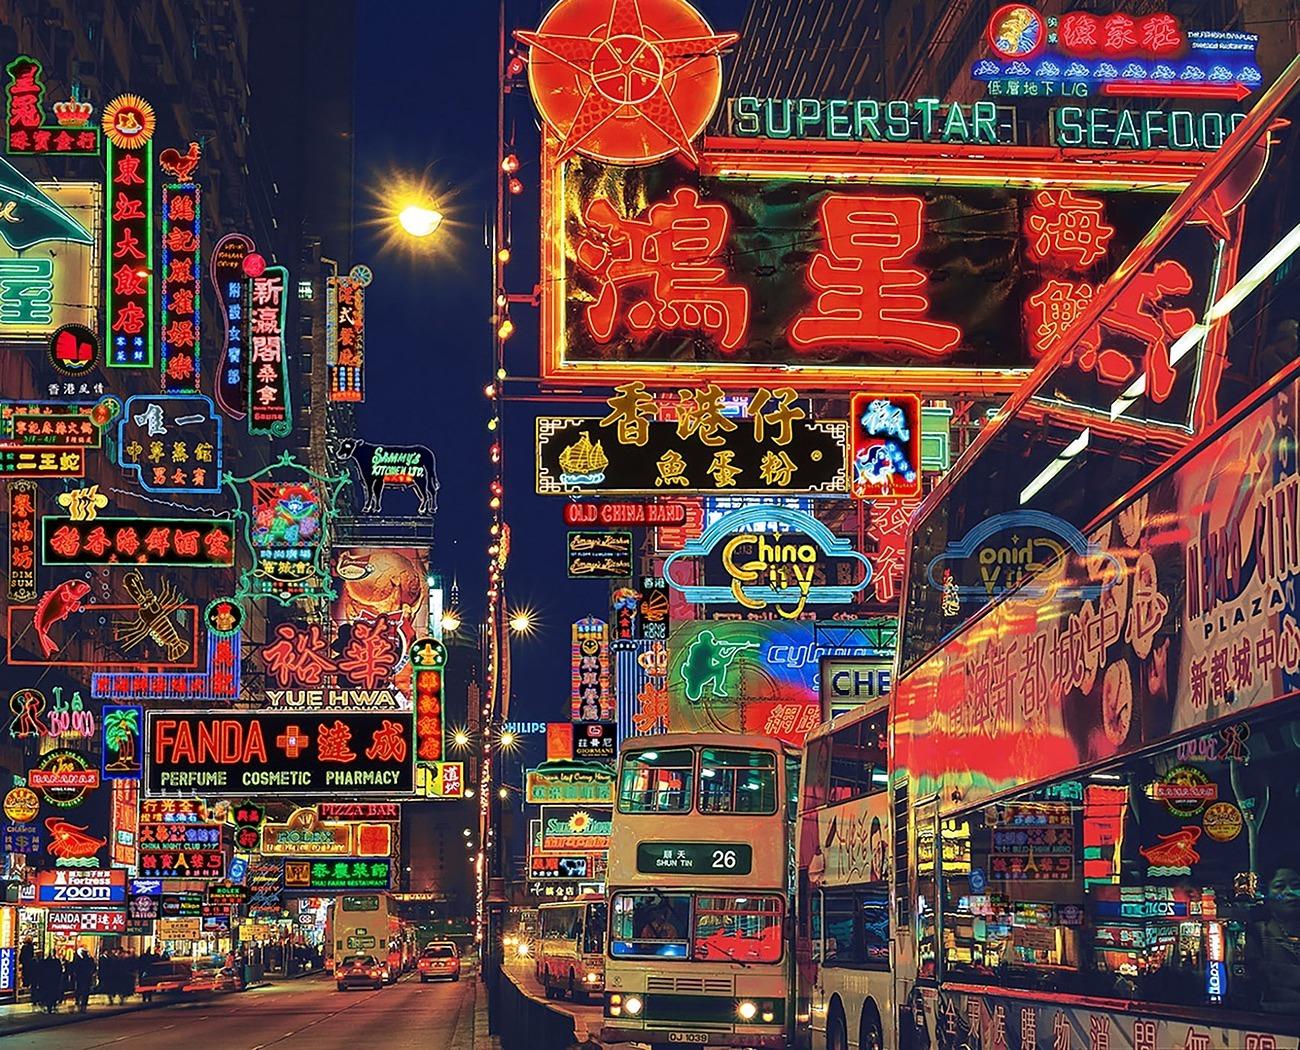 NEON FANTASY #7 NATHAN ROAD, TSIM SHA TSUI, KOWLOON, HONG KONG - The Hong Kong Affordable Art Fair collection